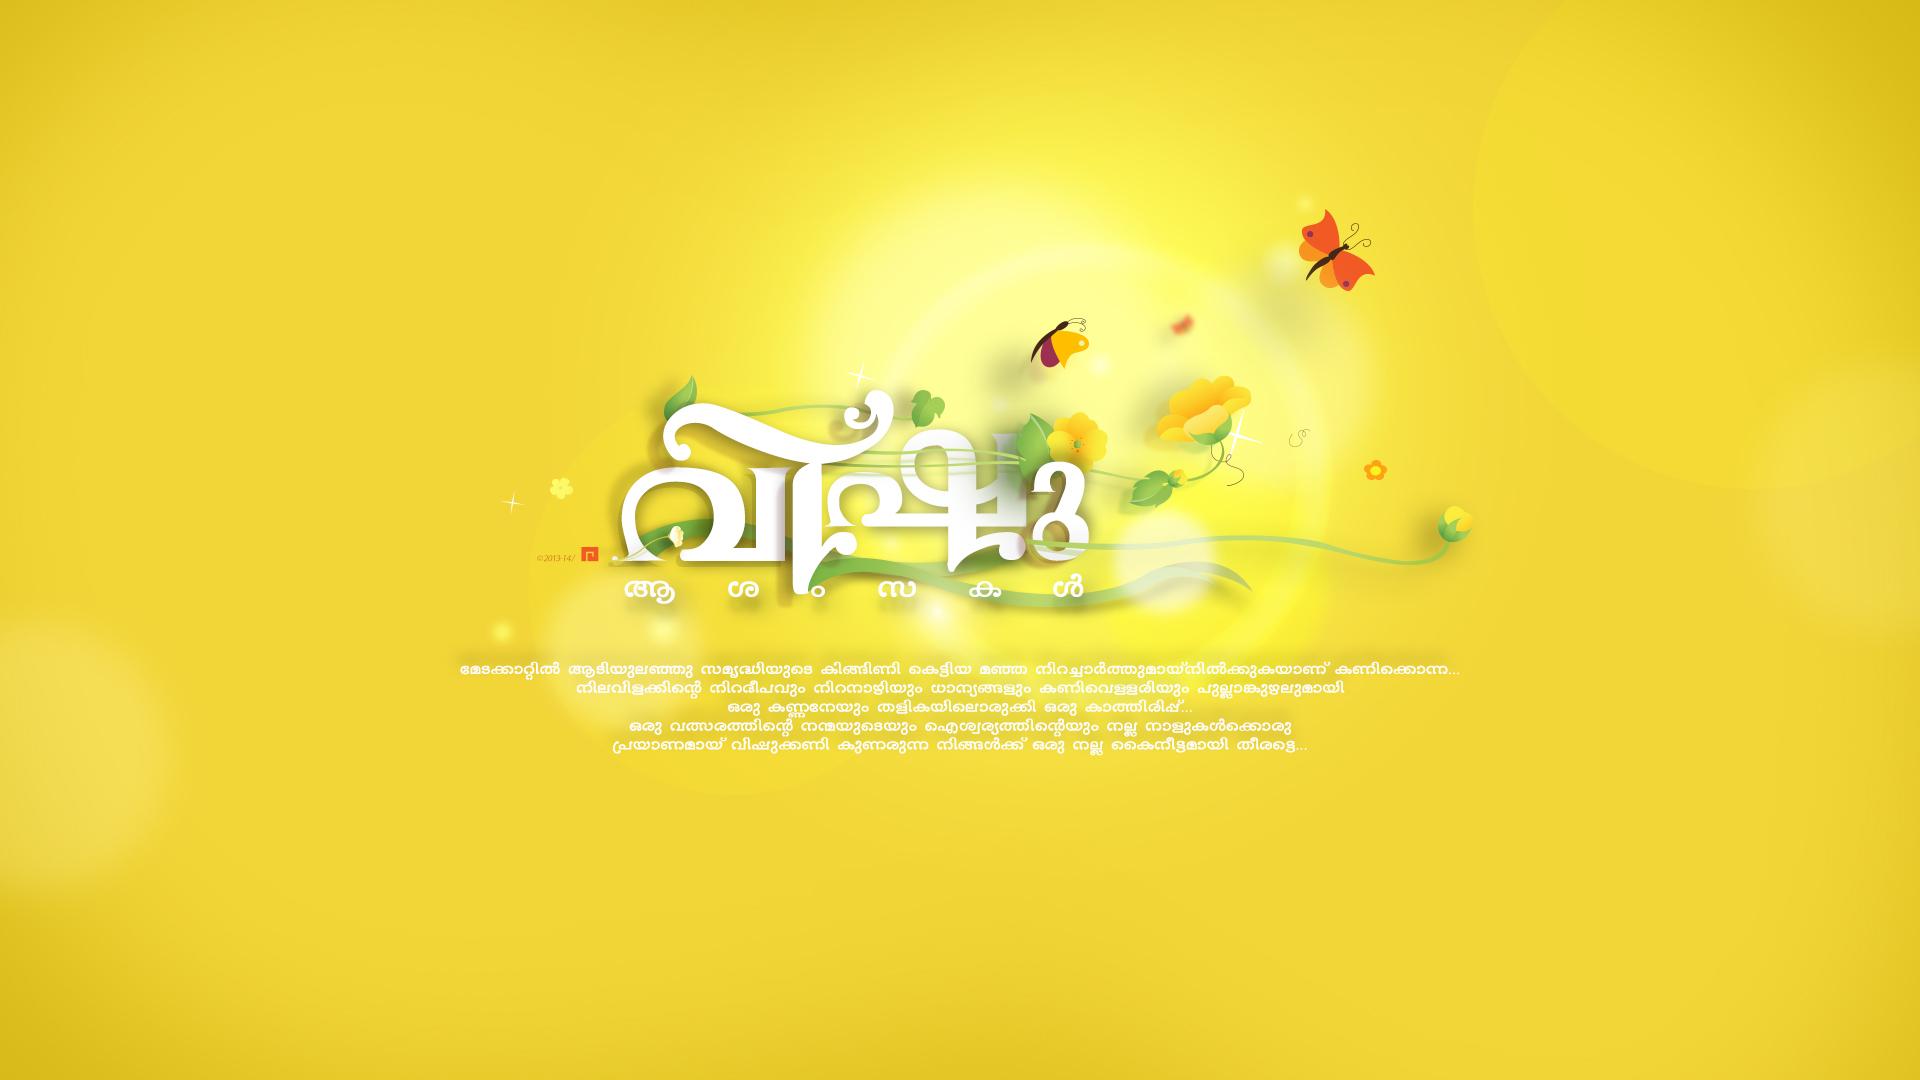 Vishu Festival Greetings On Behance